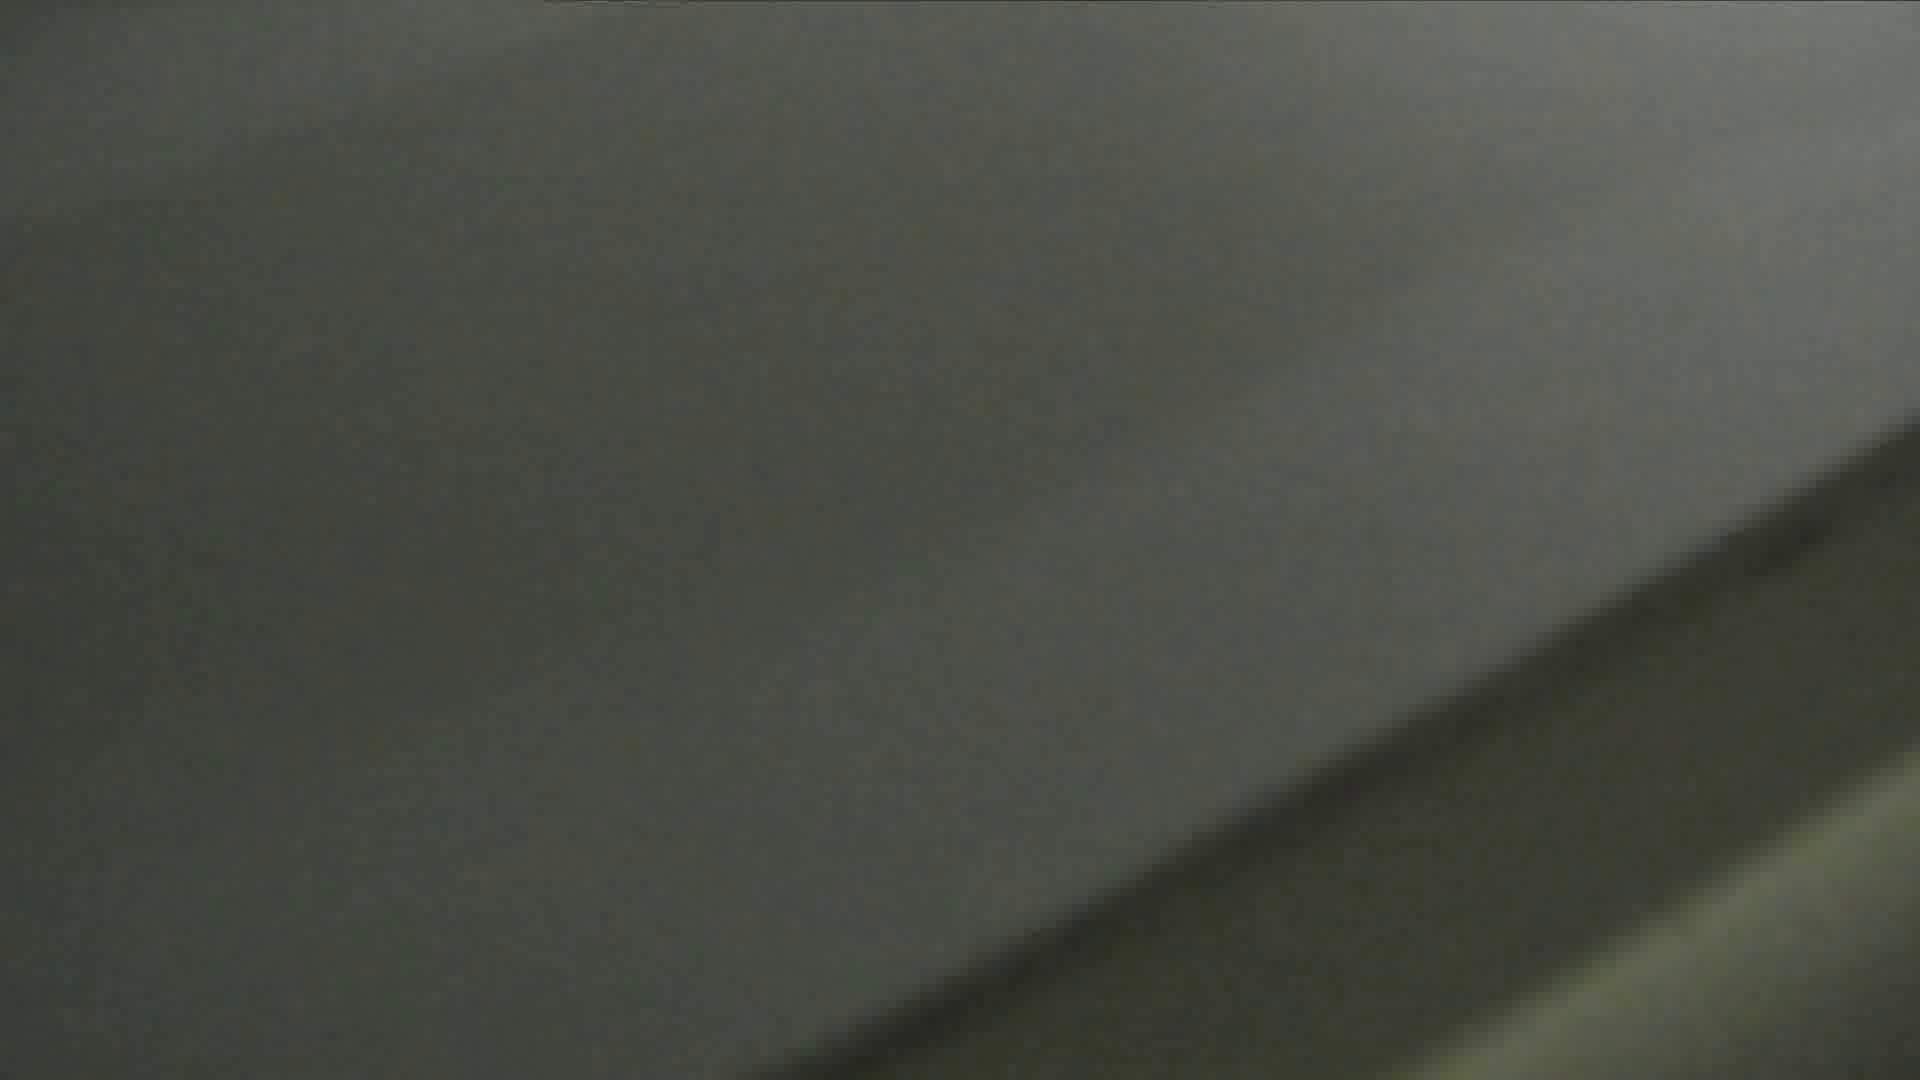 vol.02 着替えシーンもありマス エッチなお姉さん すけべAV動画紹介 109画像 108